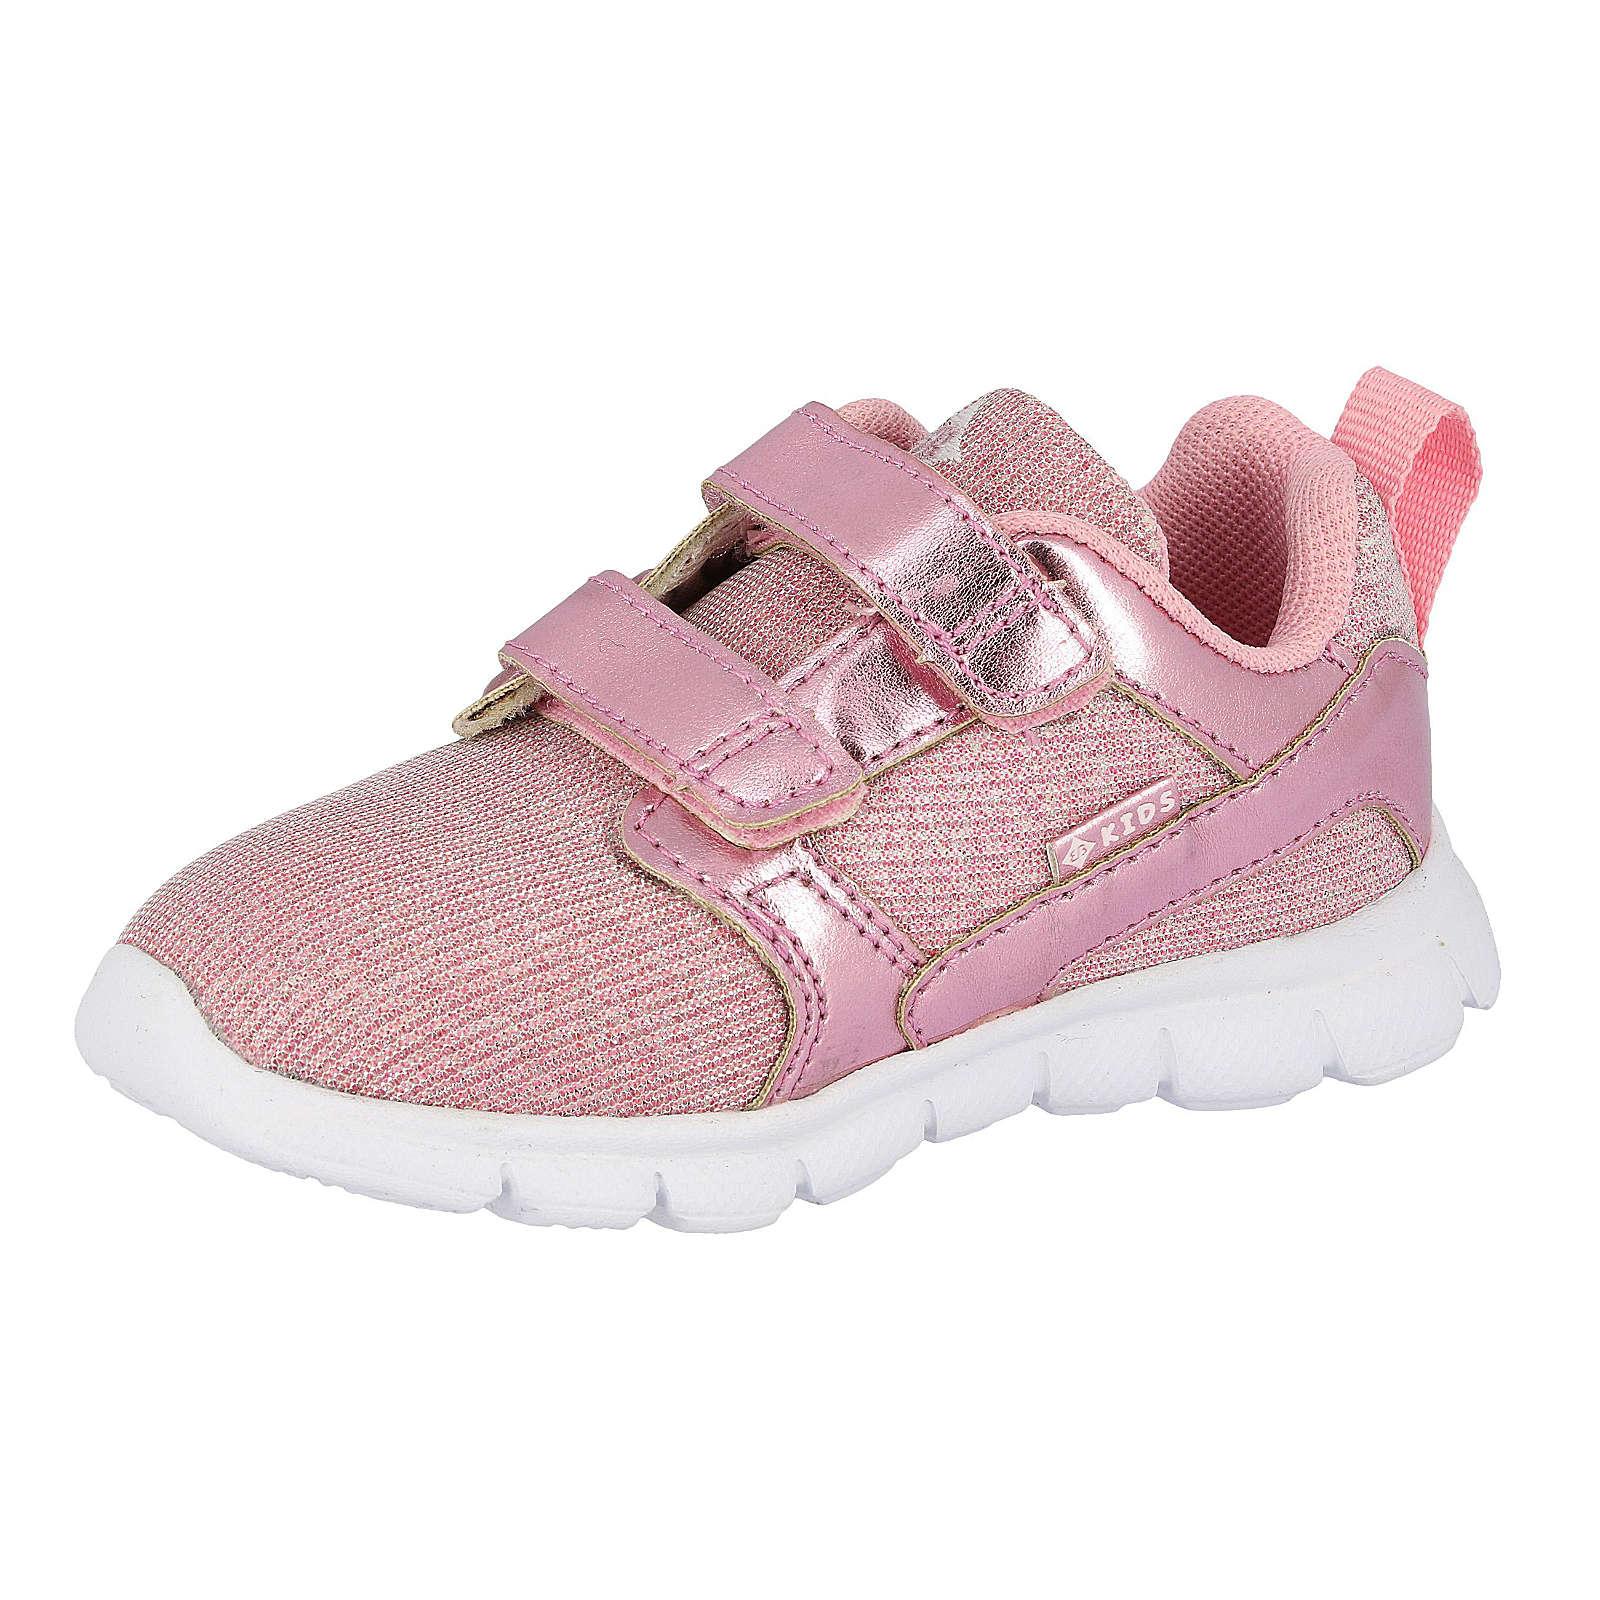 Brütting Halbschuhe für Mädchen rosa Mädchen Gr. 20